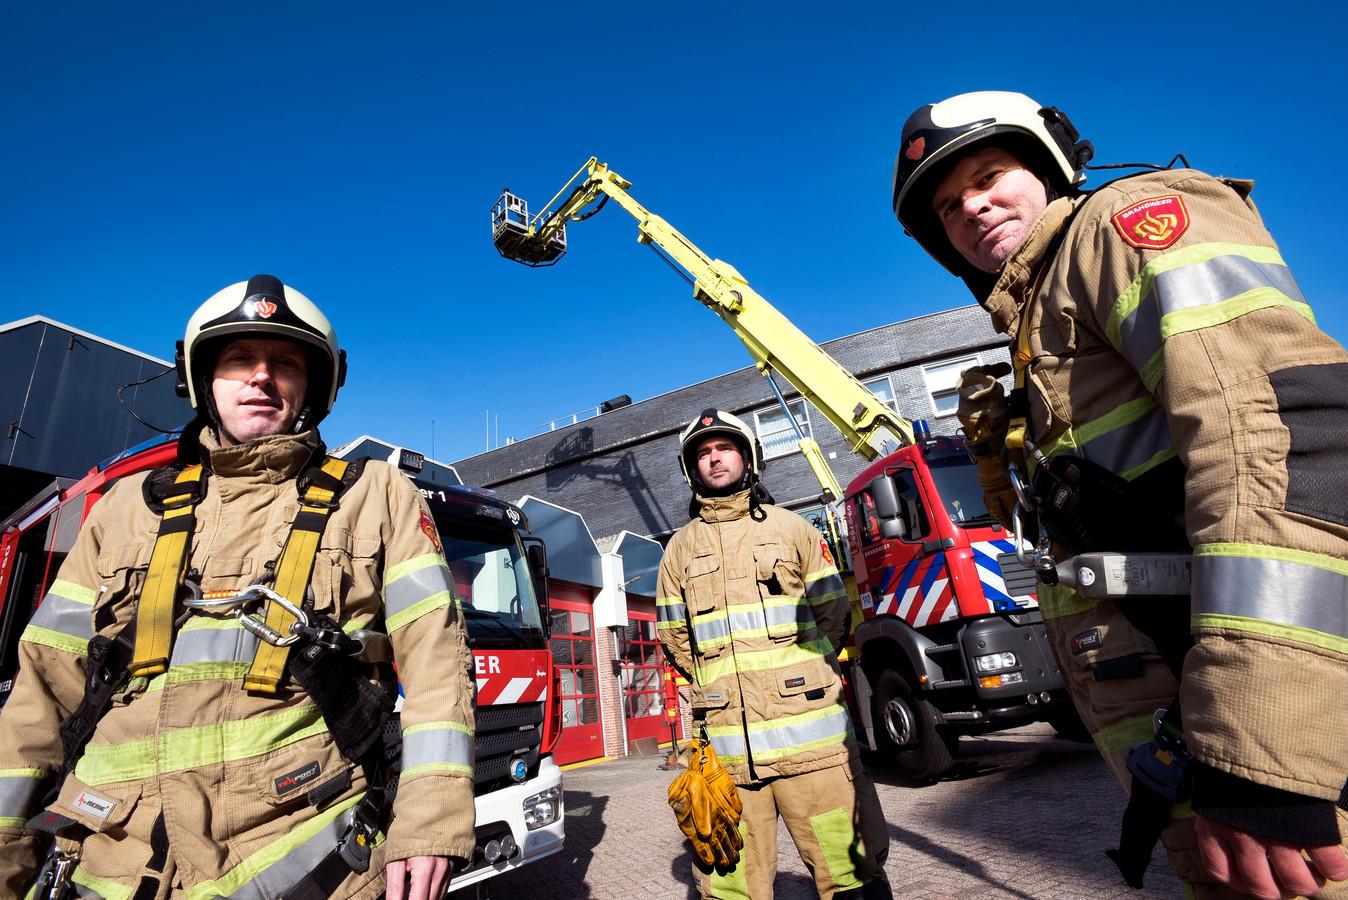 De hoogwerker van de brandweer Vianen is toch niet wegbezuinigd.